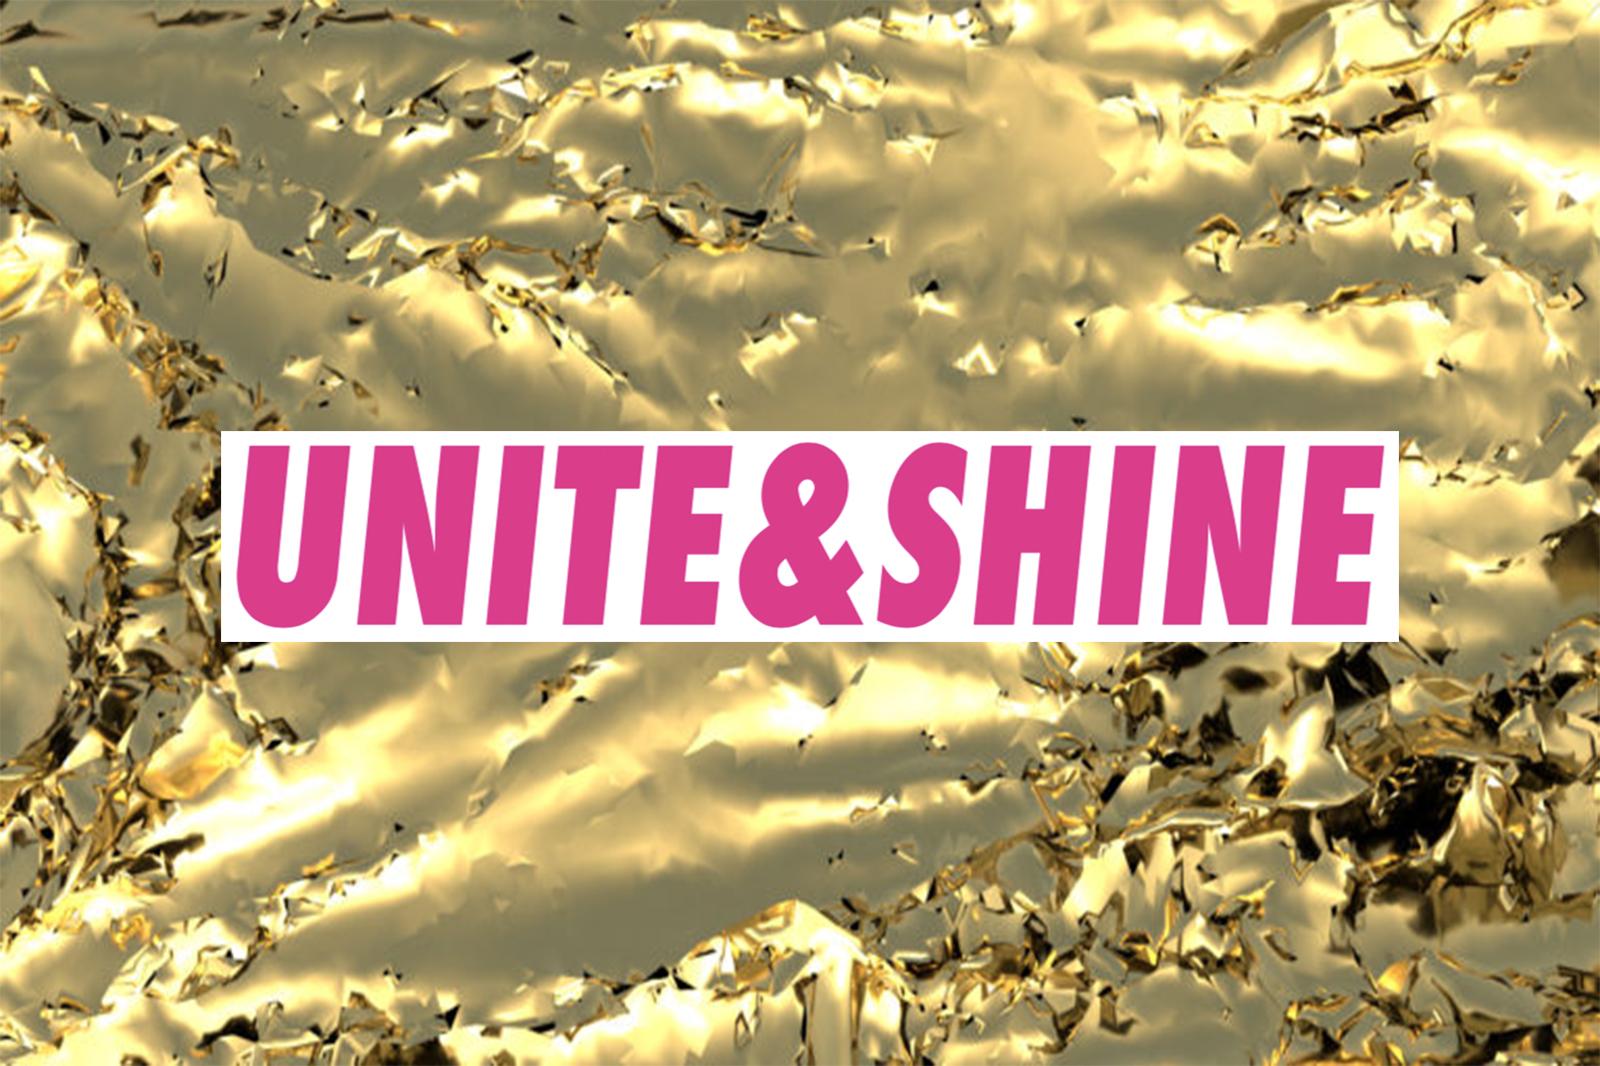 UNITE & SHINE